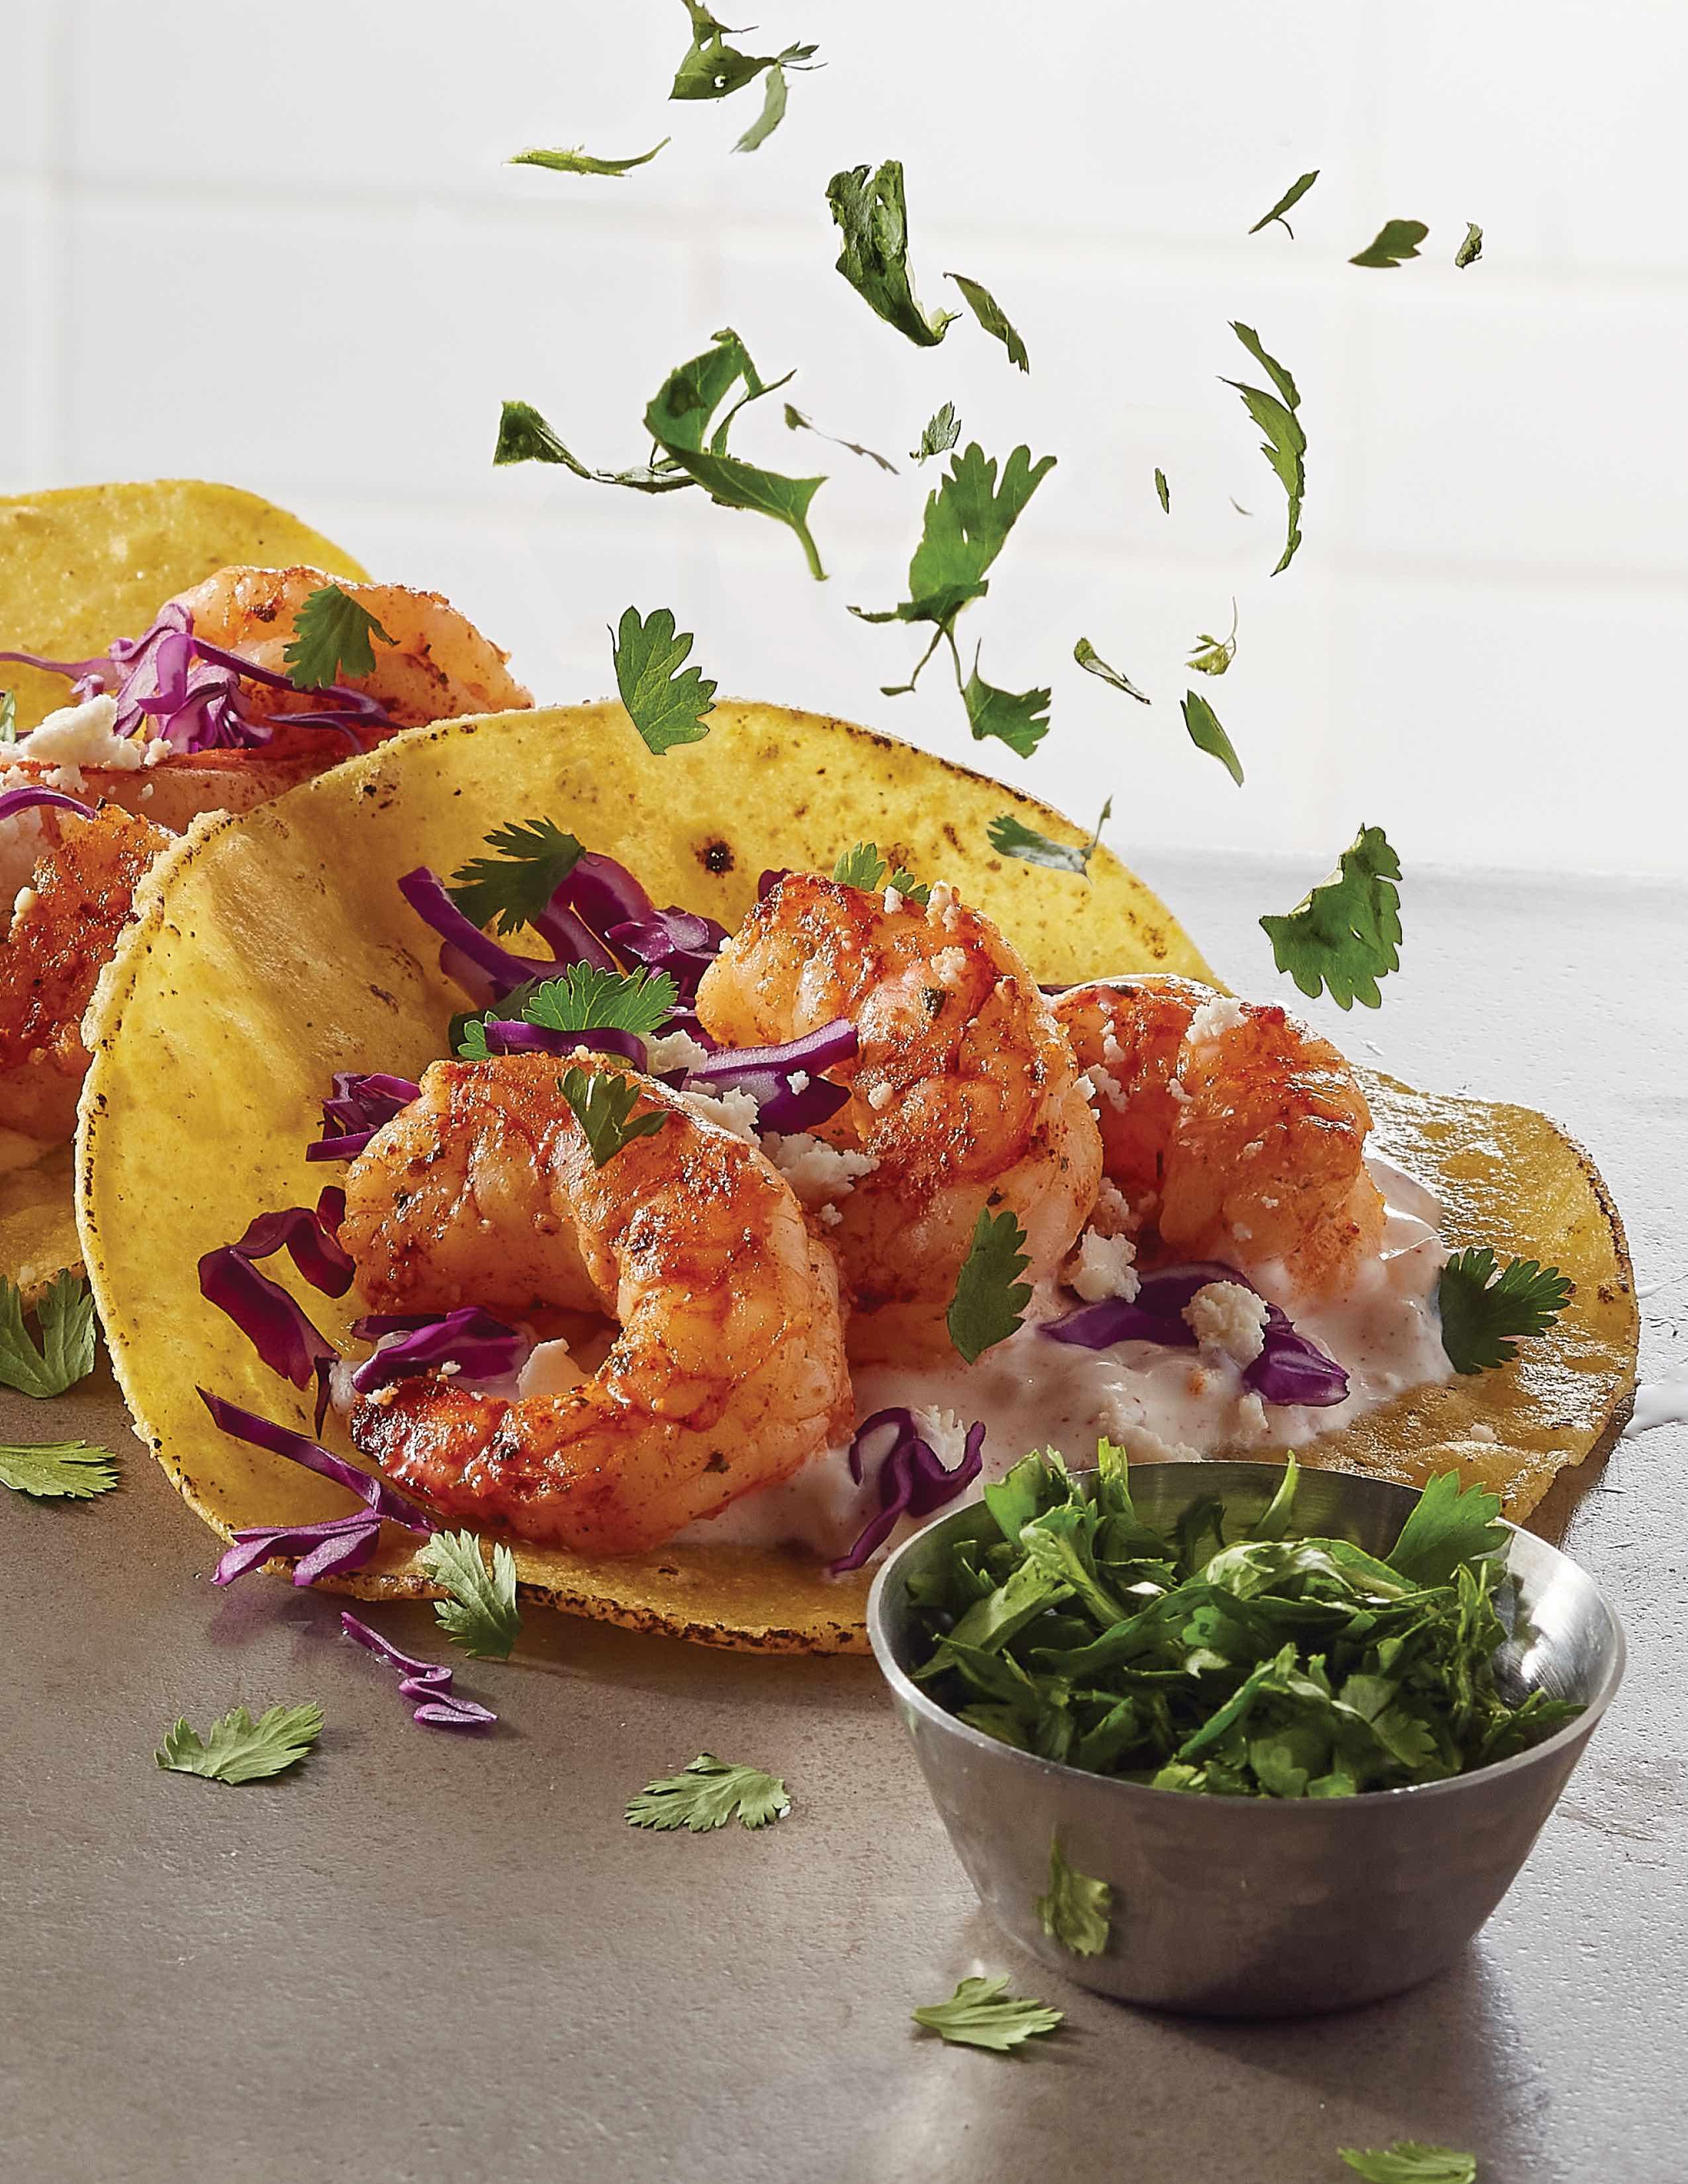 US Foods Unveils 'Summer Scoop' Lineup to Help Restaurants Battling Labor Shortage